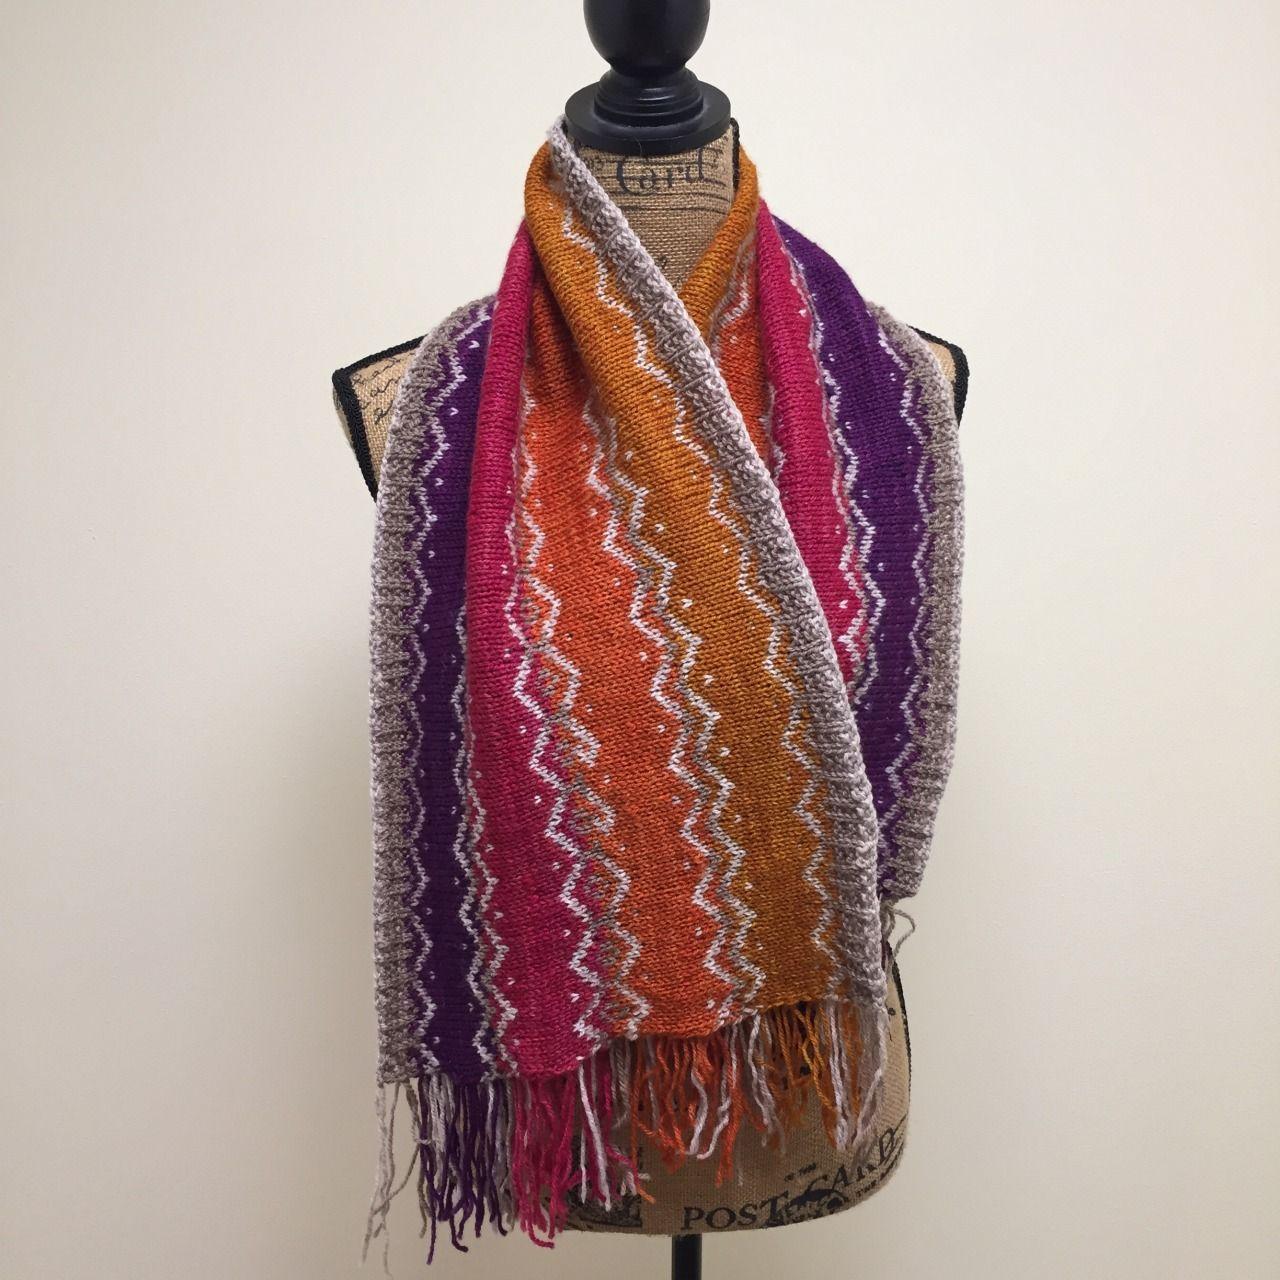 nineteenhundreddesigns: Osebury Scarf Finished... - beautiful knitting